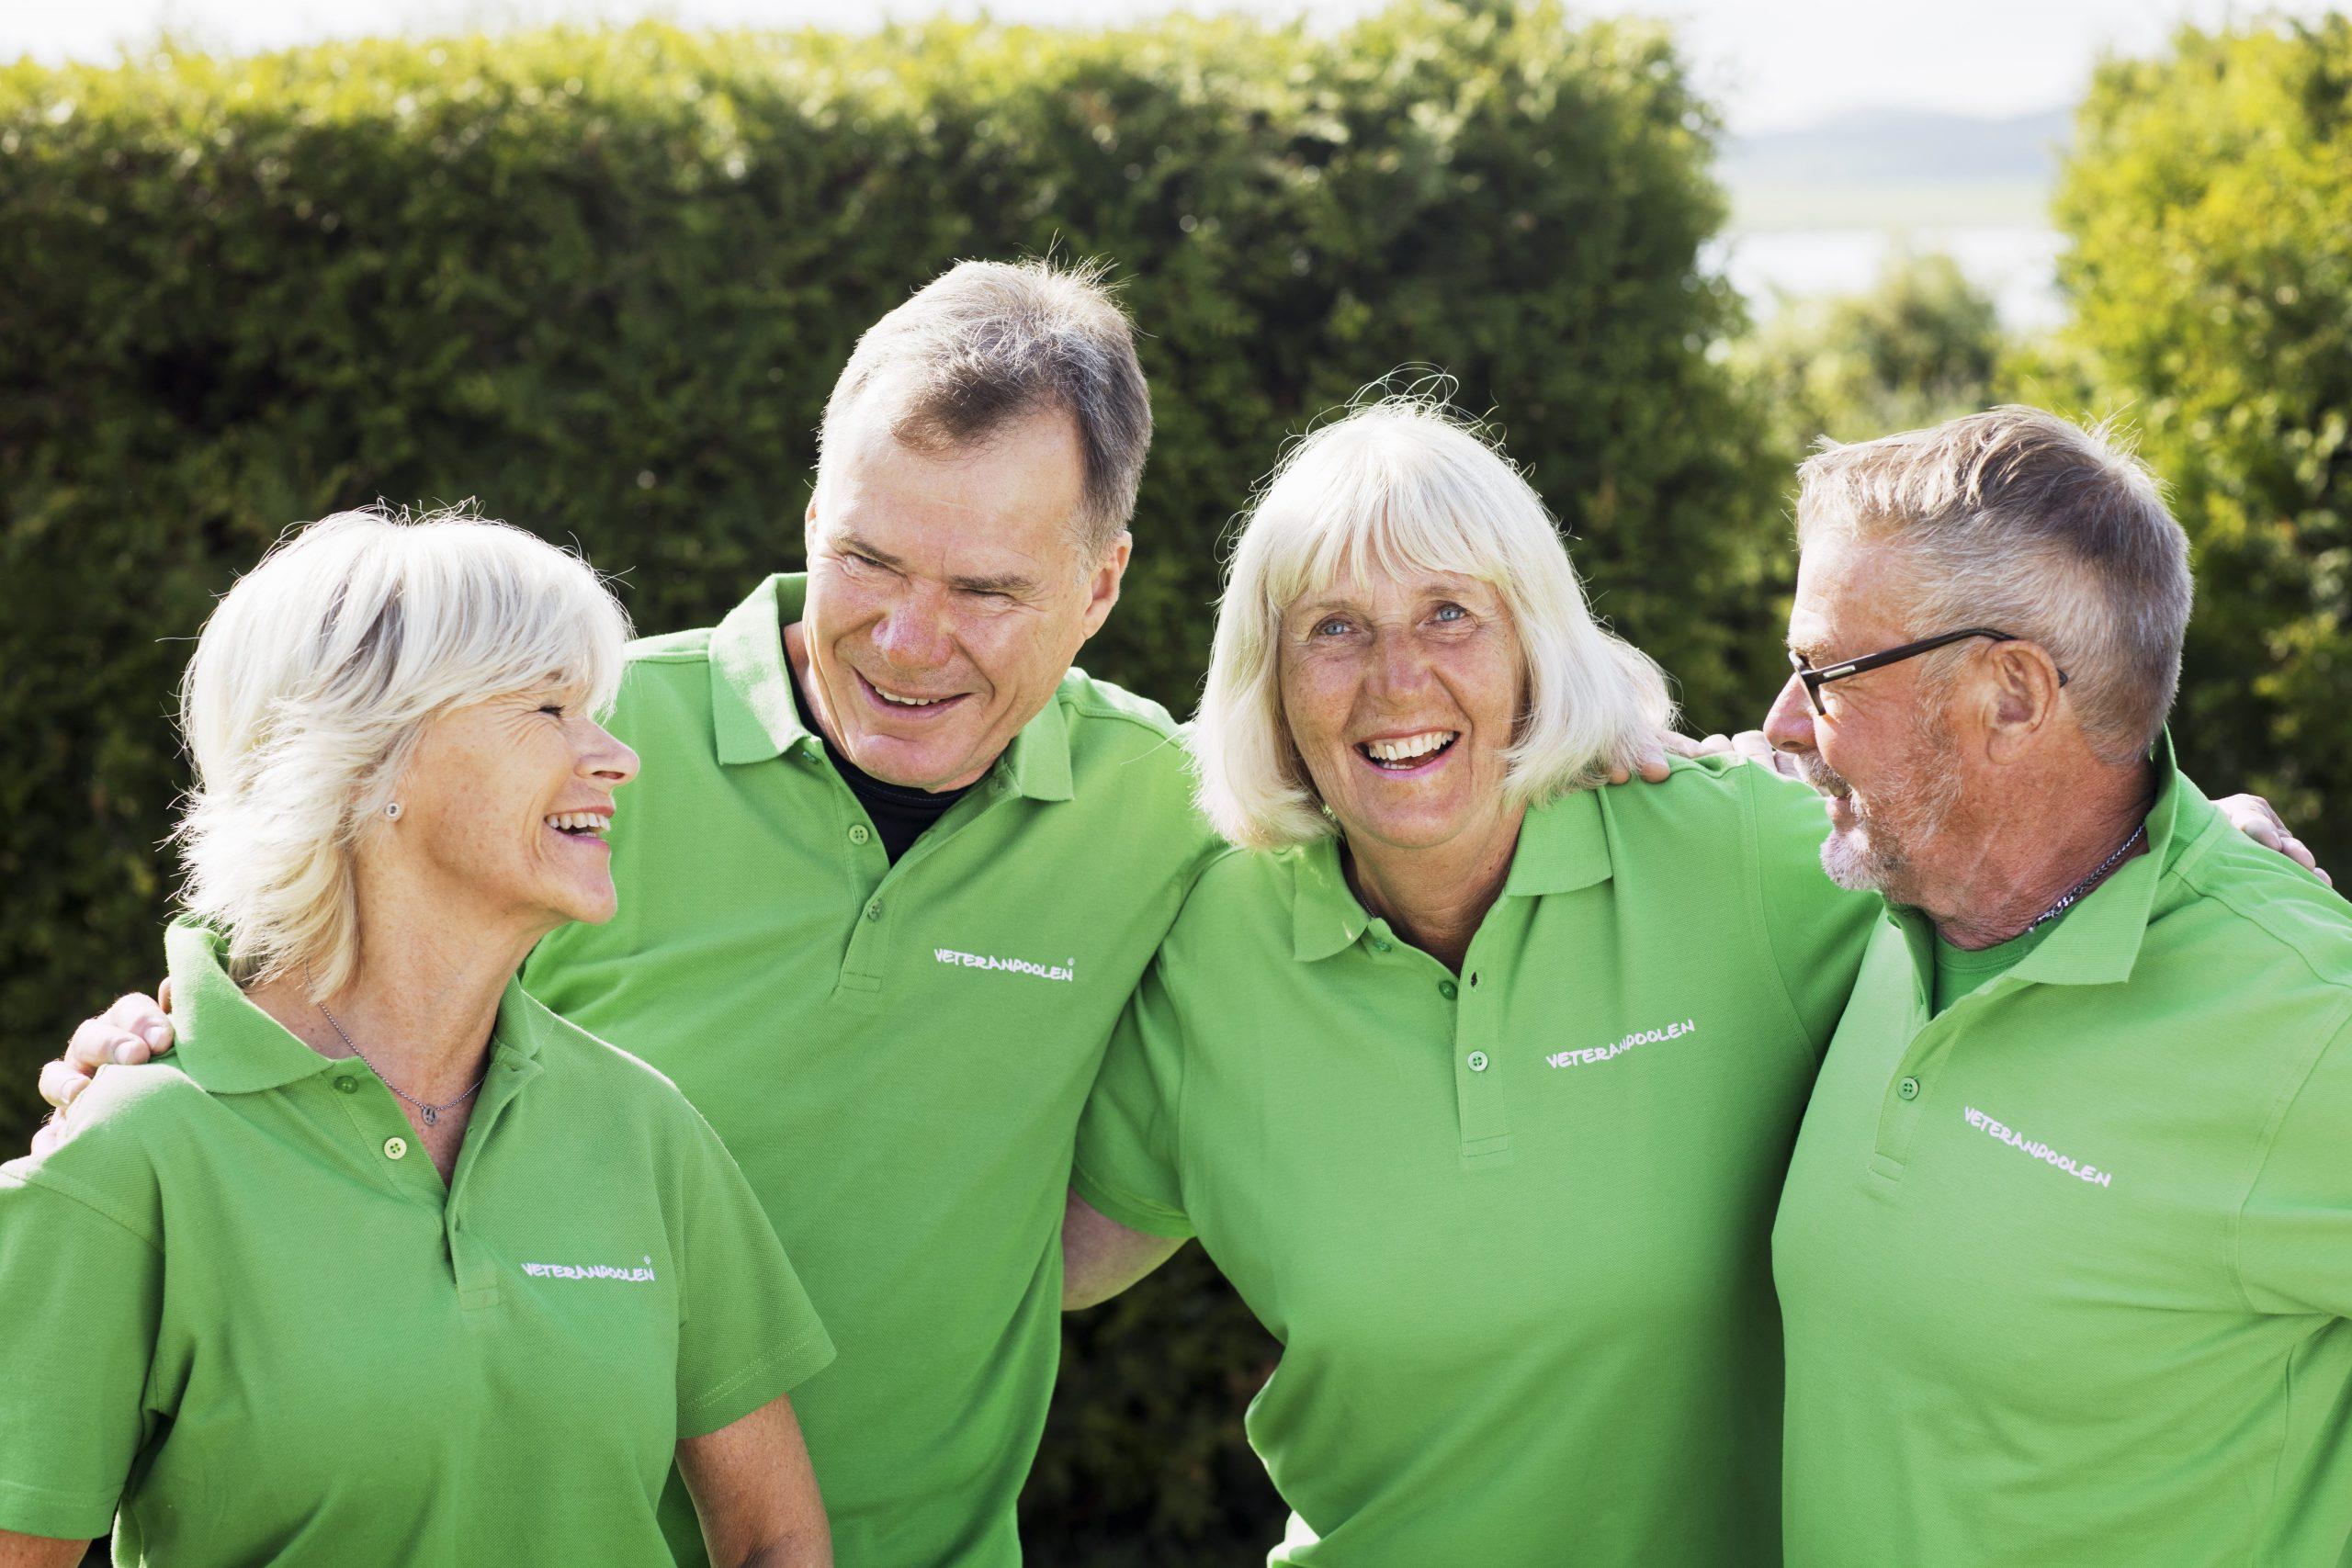 Storsatsning - 2 500 nya arbetstillfällen för pensionärer